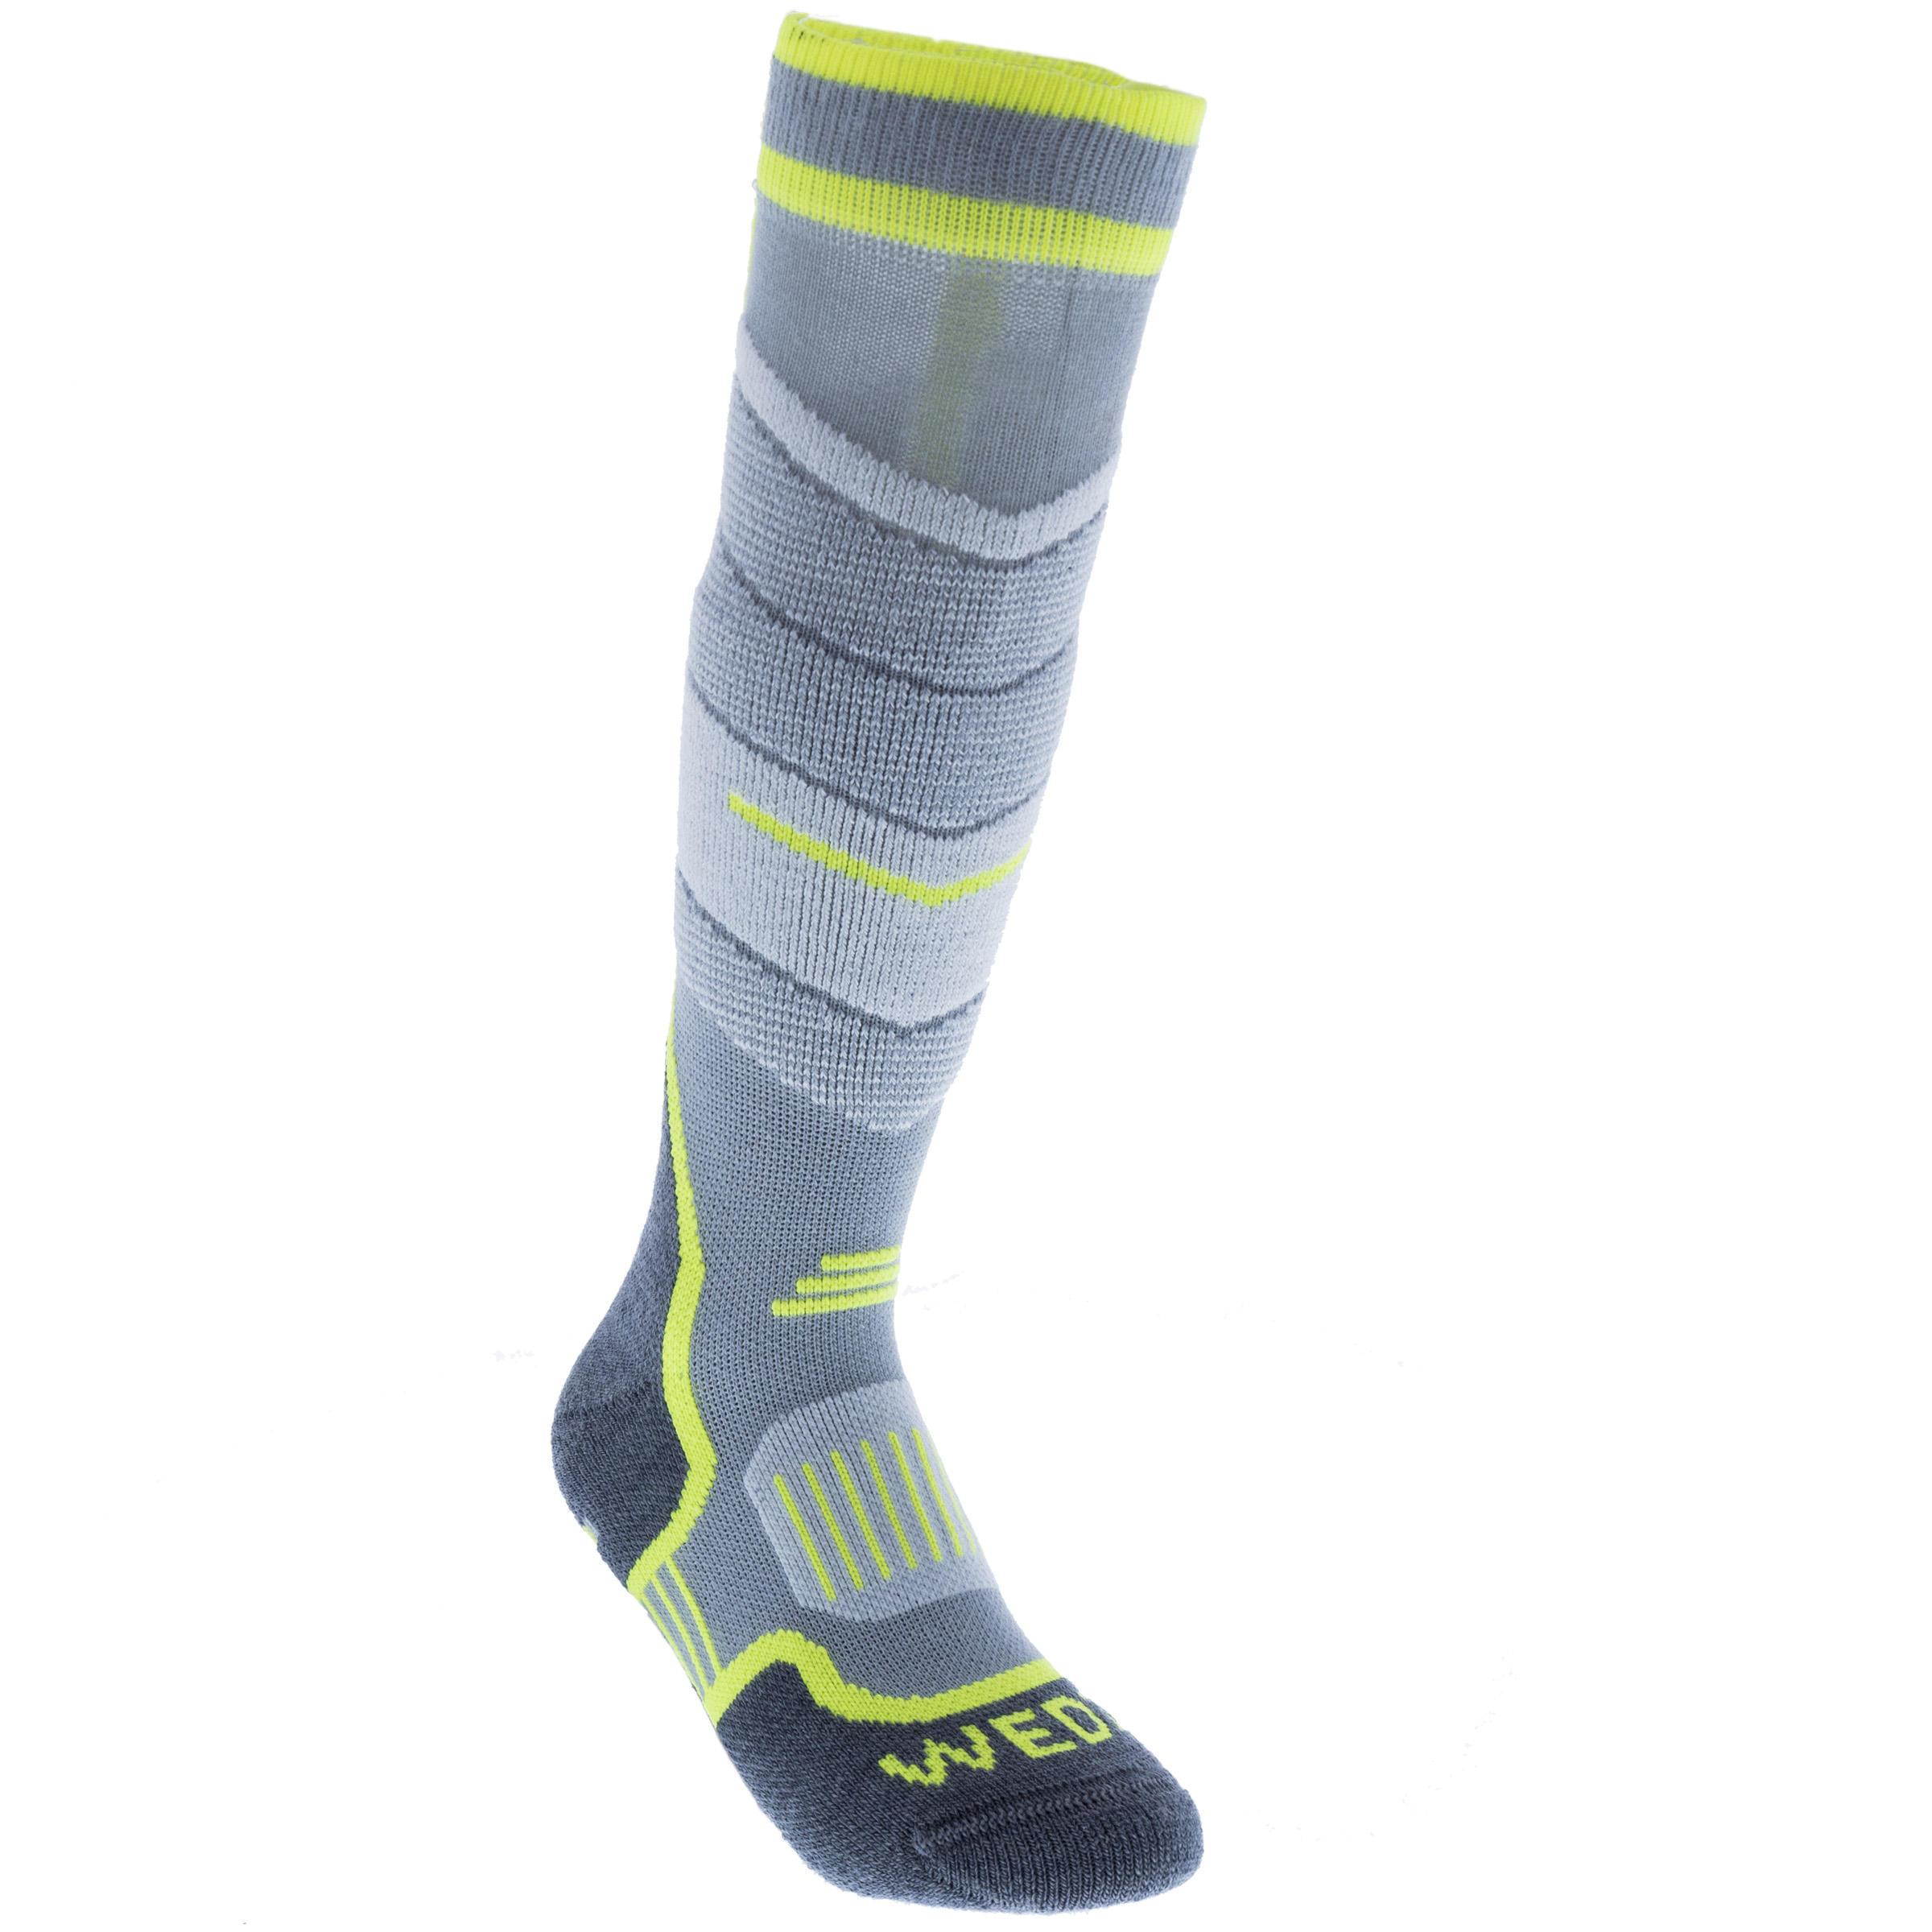 Chaussettes de ski enfant 300 grises jaunes fluo wedze